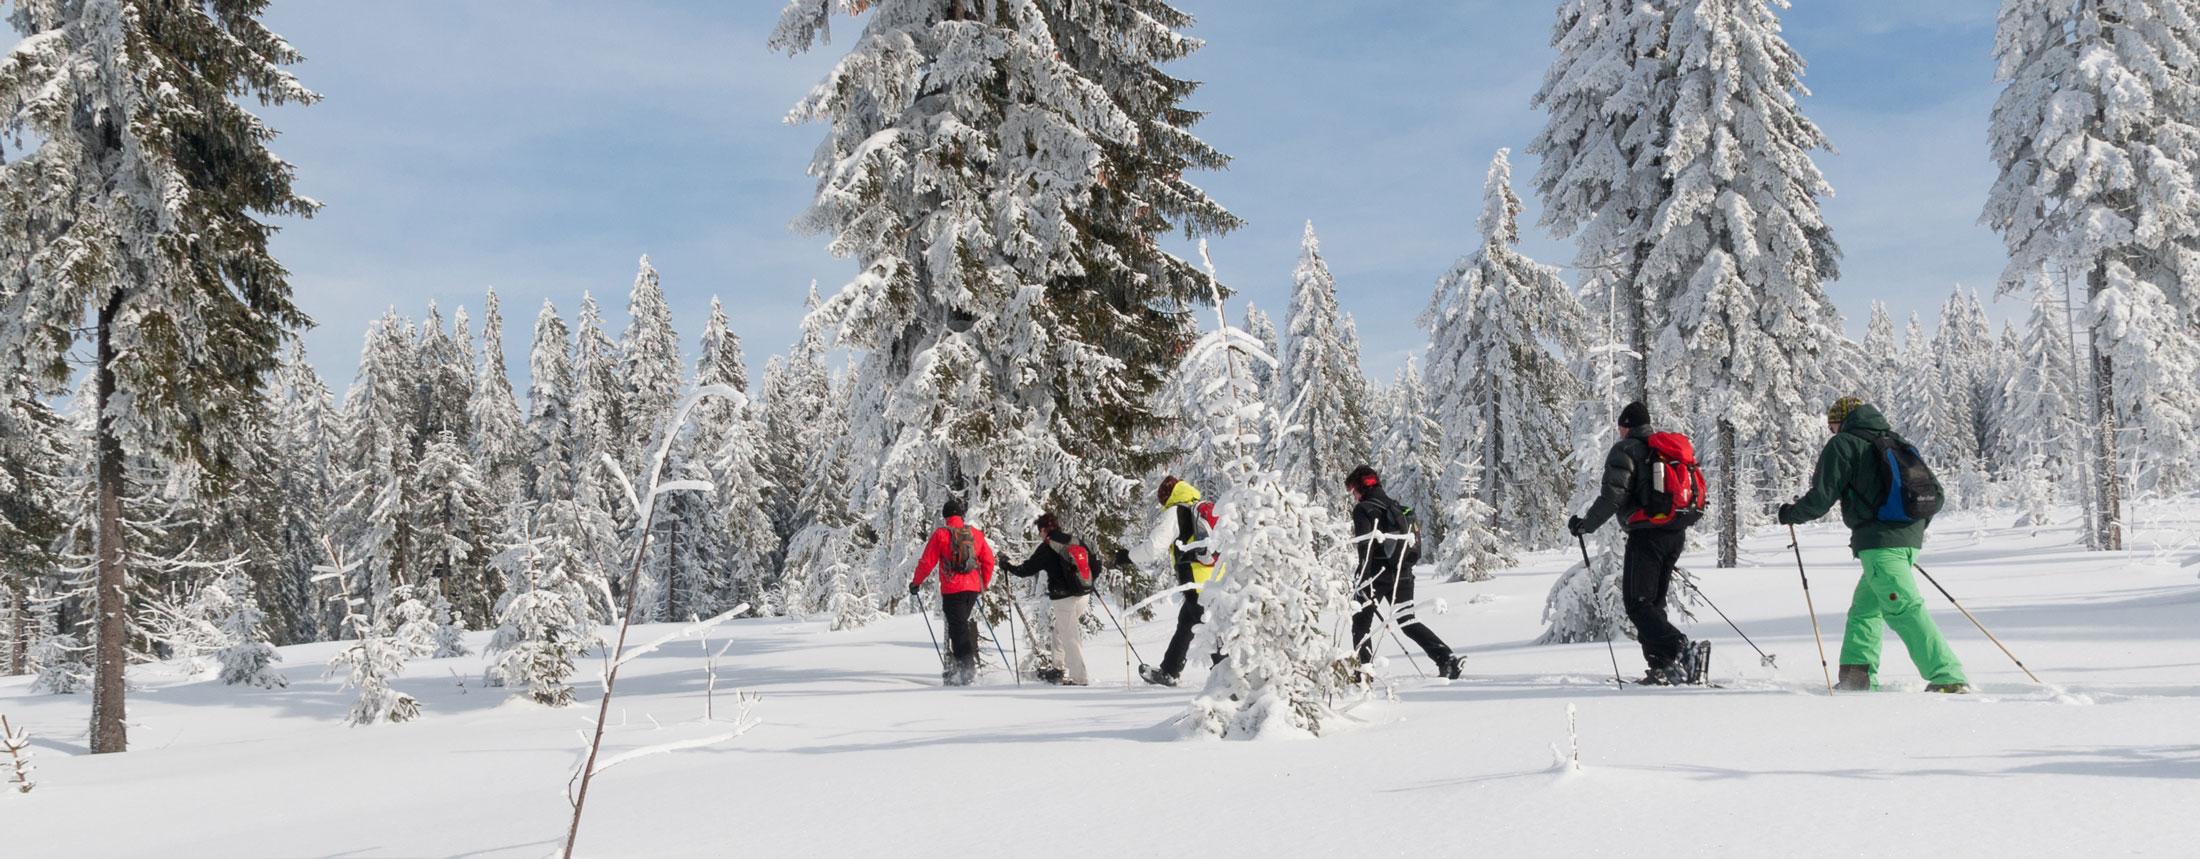 Schneeschuhwandern___7001217_.jpg